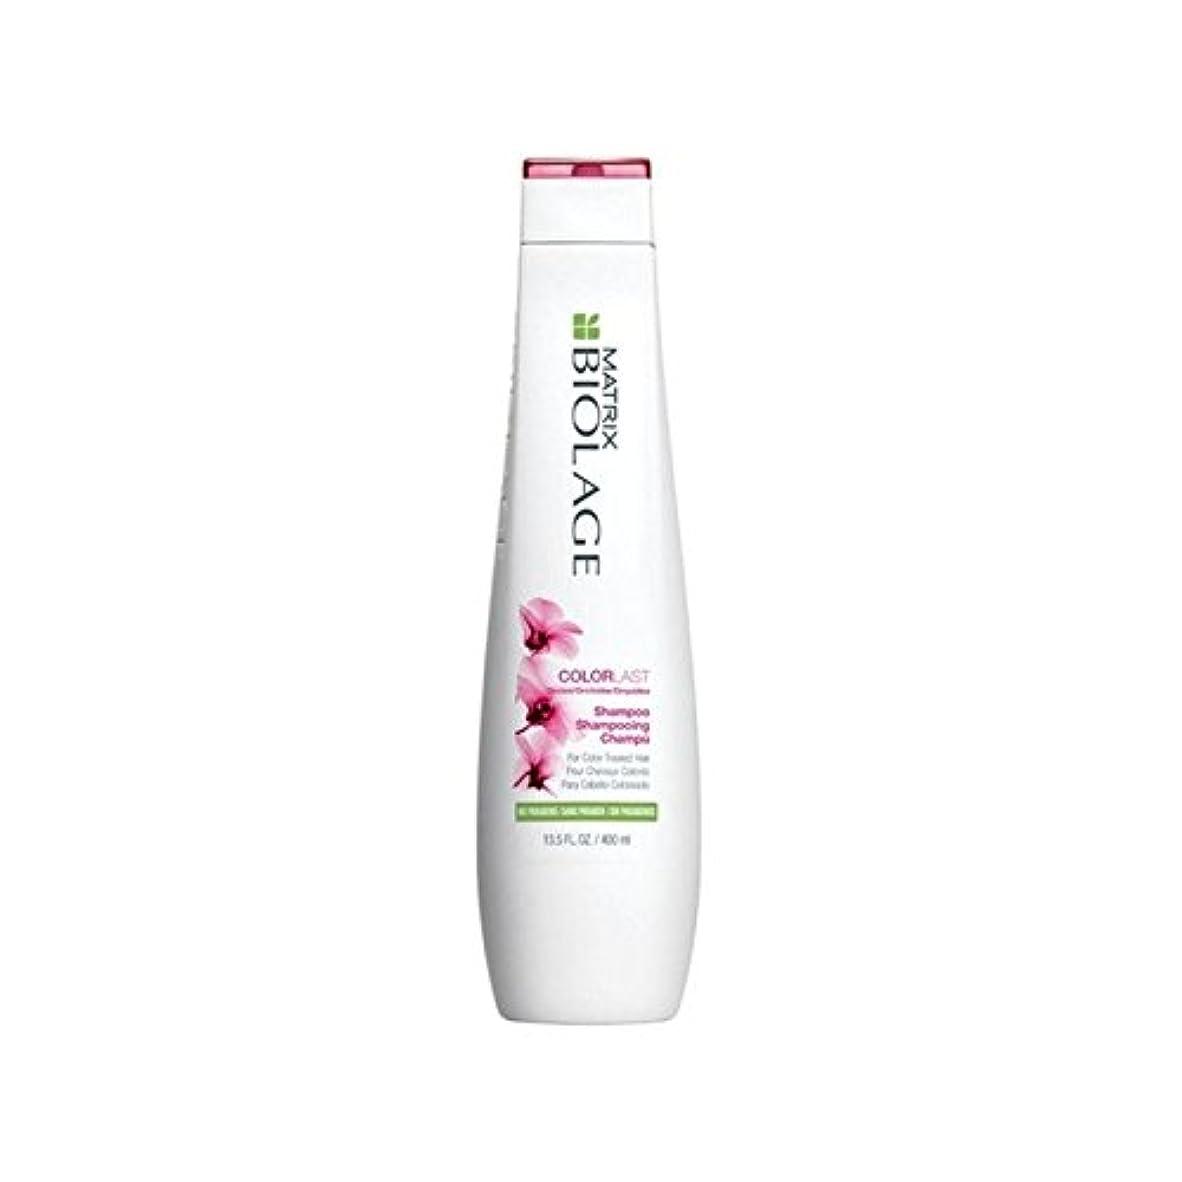 遠近法体デッキMatrix Biolage Colorlast Shampoo 400ml - 行列のバイオレイジシャンプー400ミリリットル [並行輸入品]